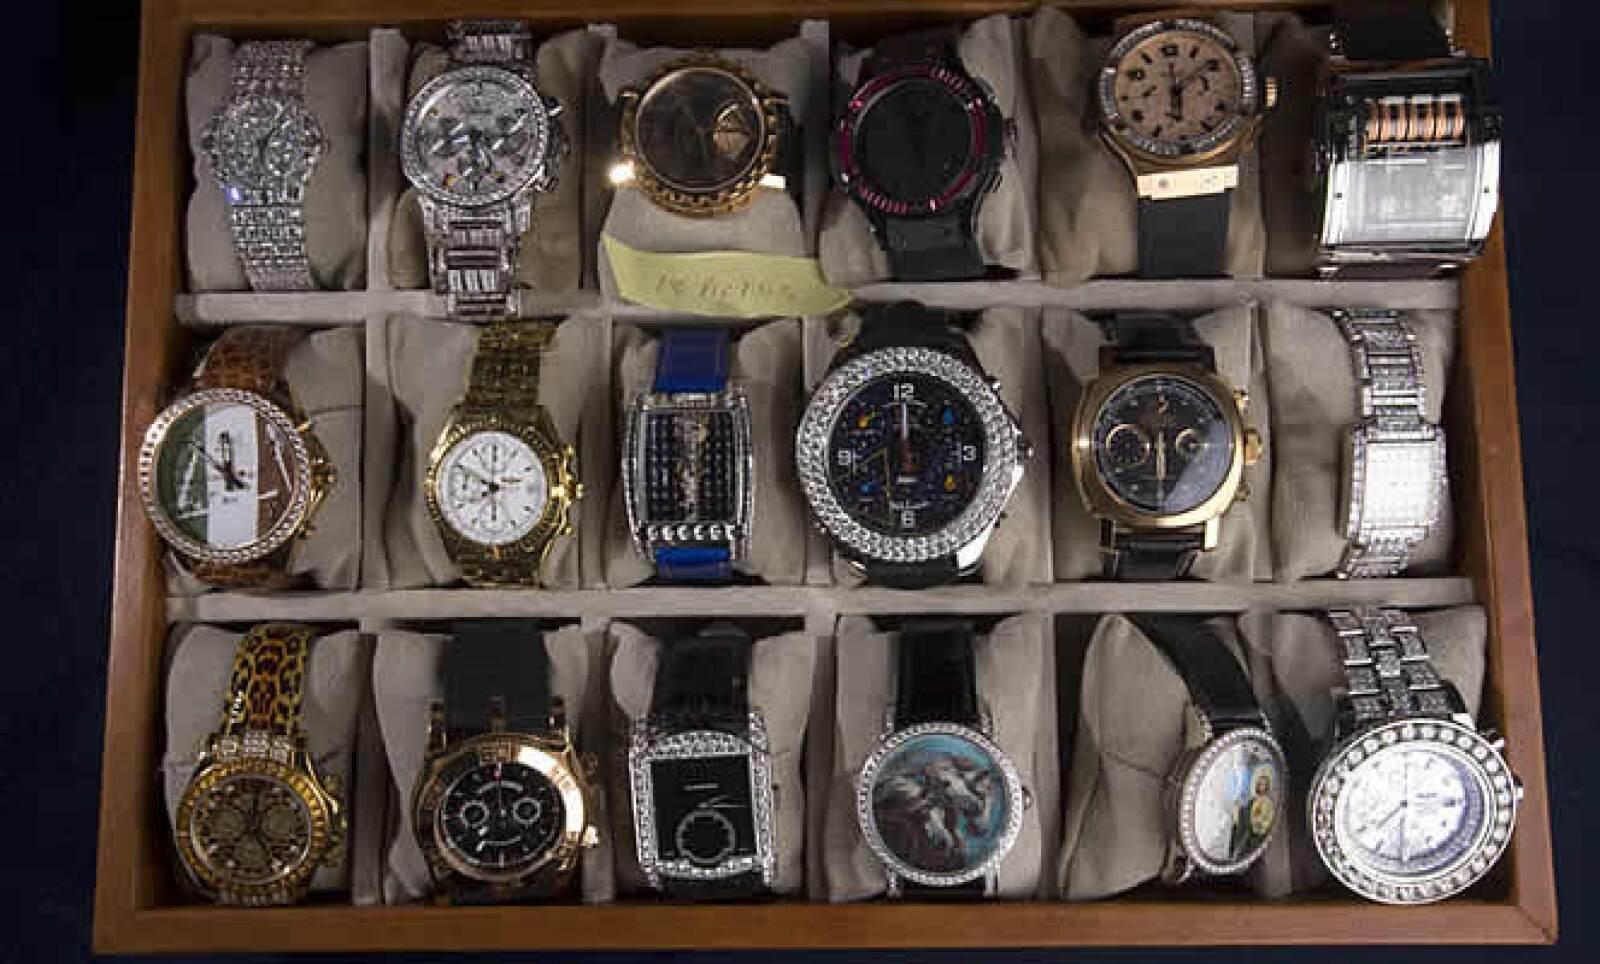 En la bóveda de un banco Expansión observó otros objetos incautados, desde relojes de más de 20,000 dólares, como los Patek Philippe y Hublot, hasta exquisitos cristales austriacos.